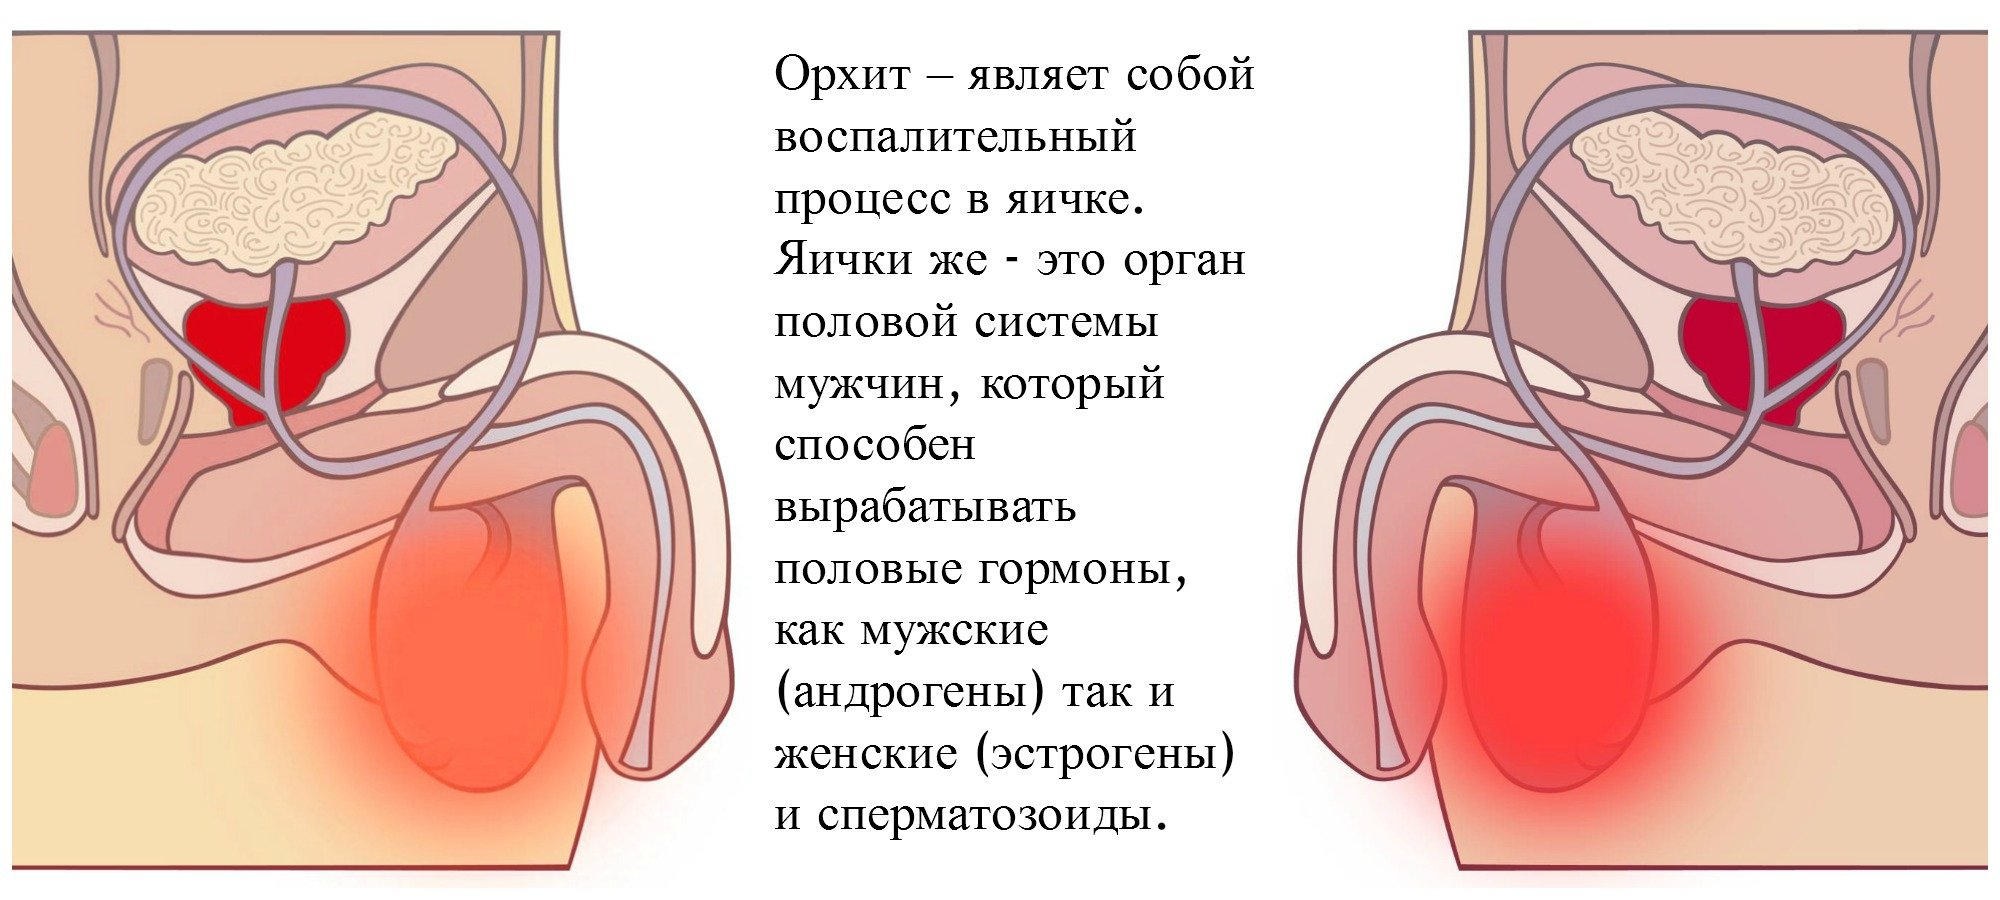 masturbirovat-pri-epididimite